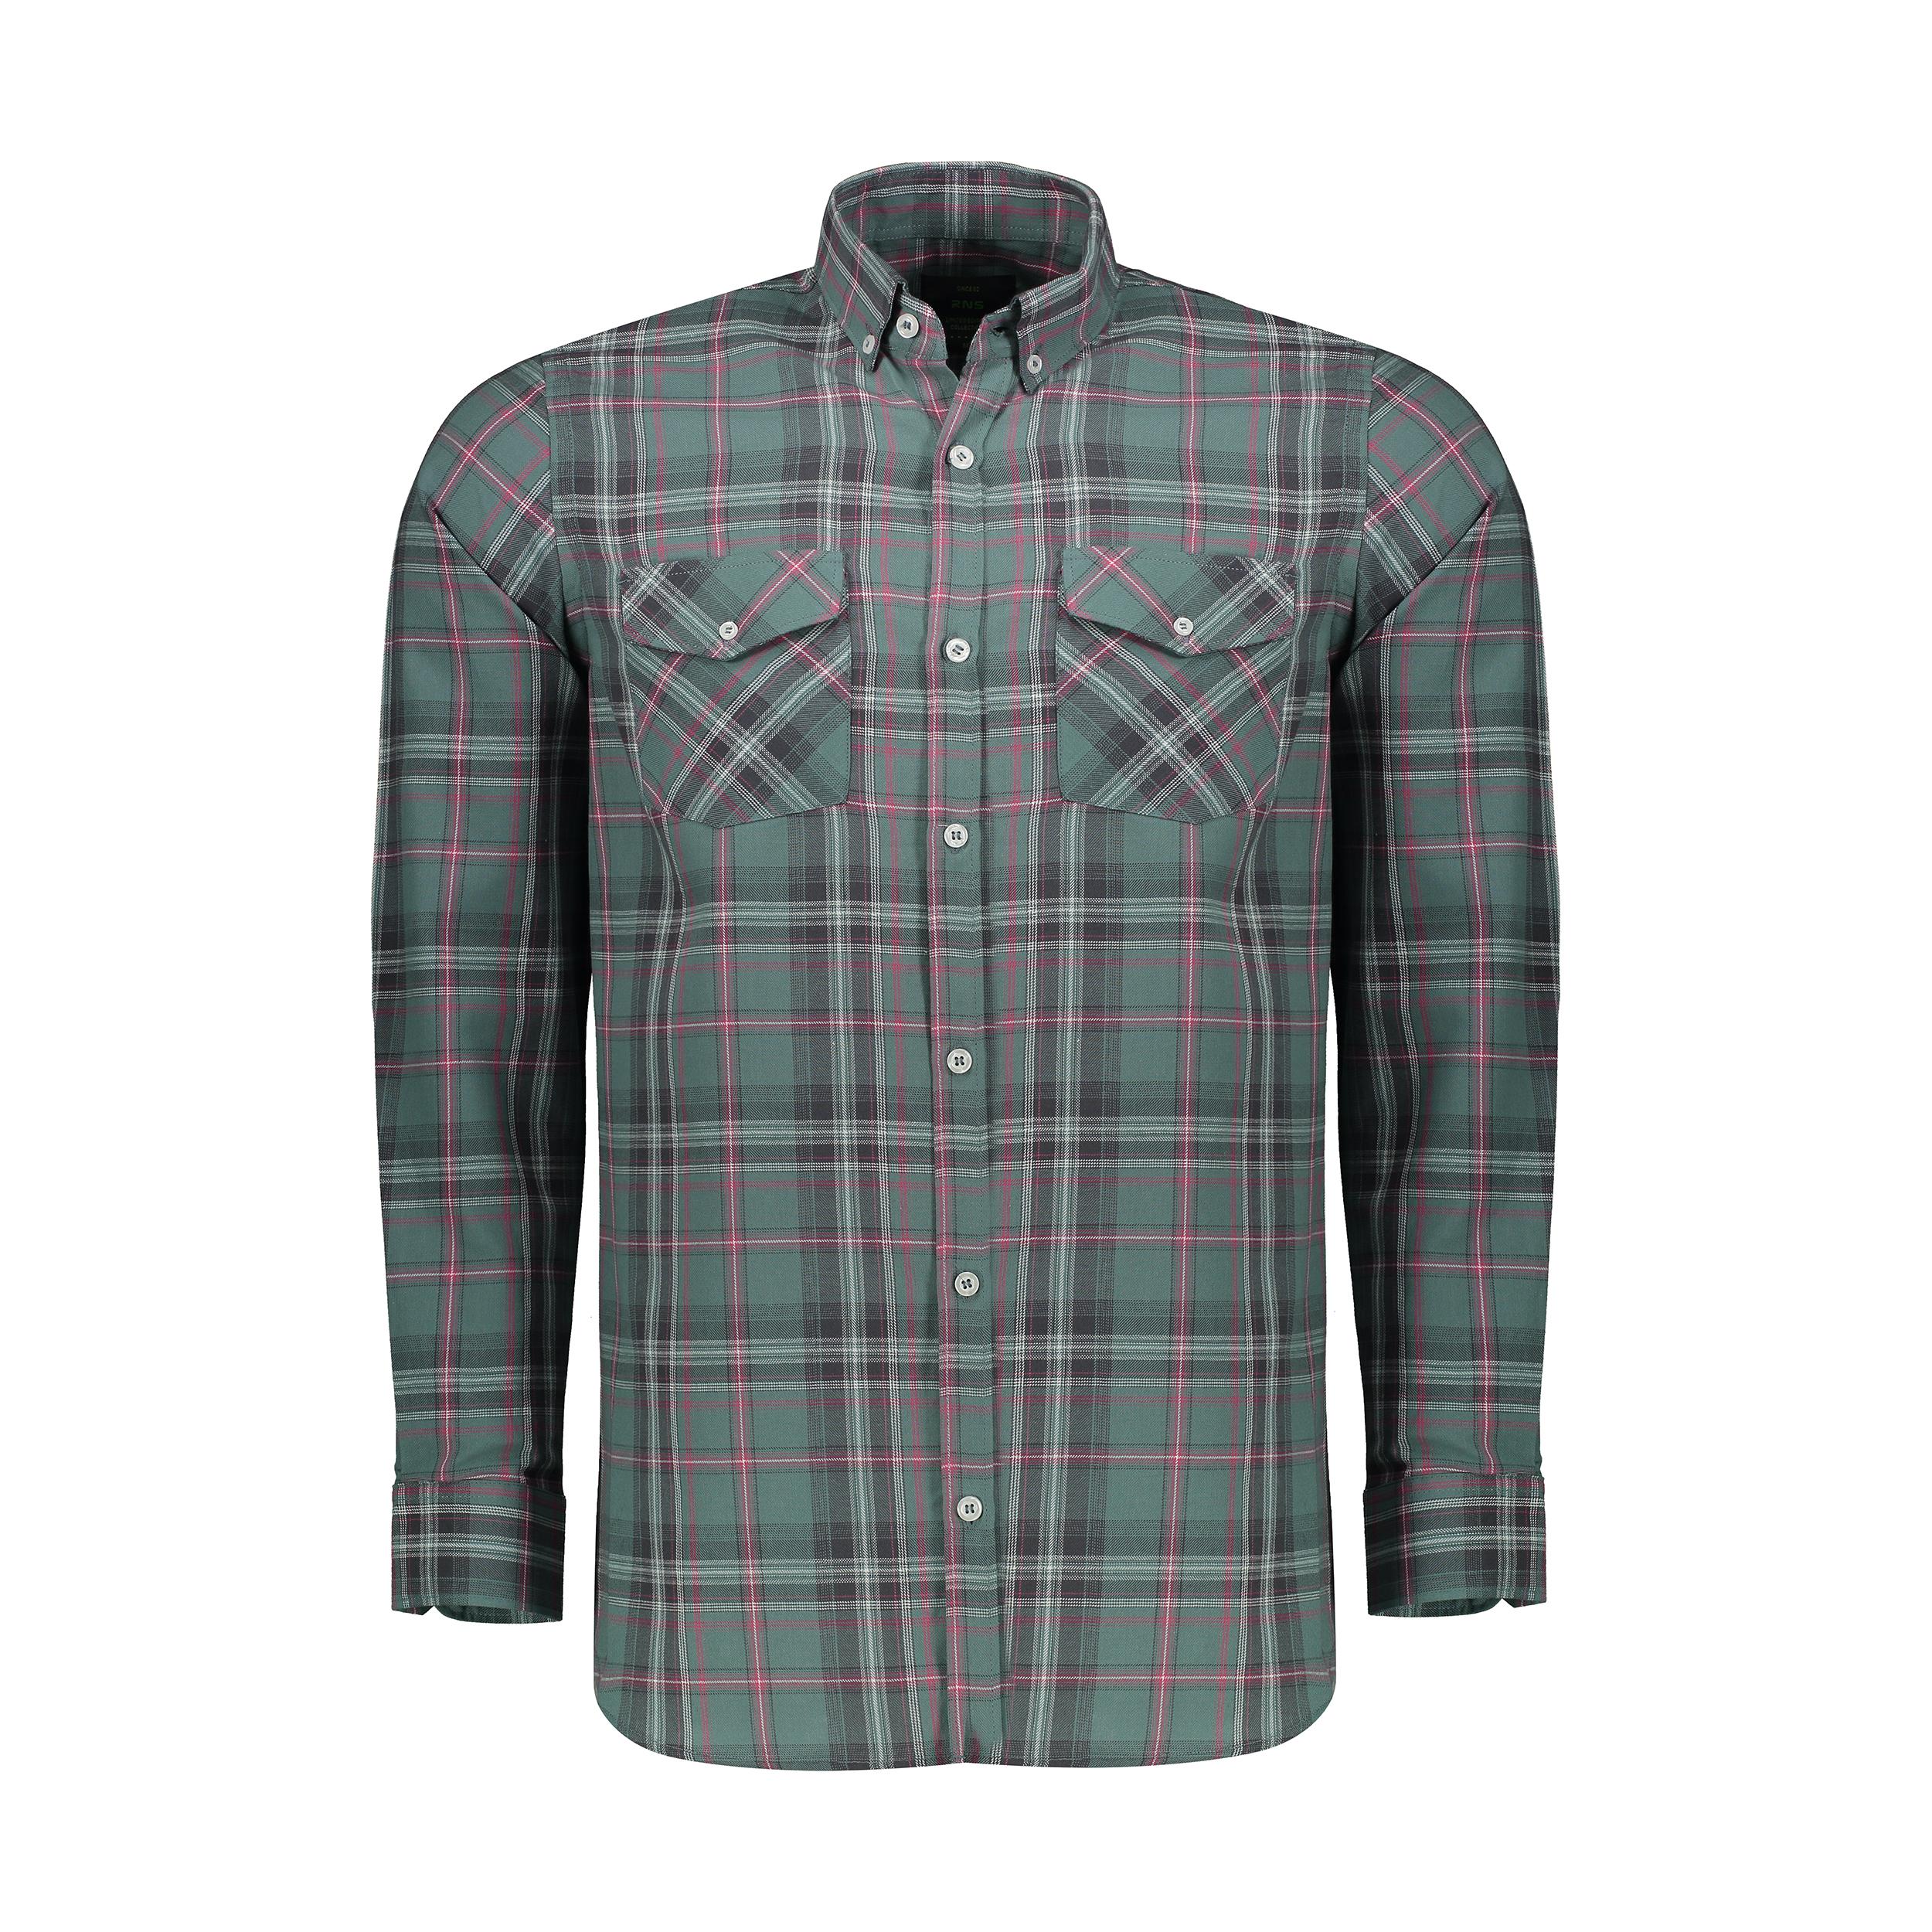 پیراهن مردانه آر ان اس مدل 120013-43